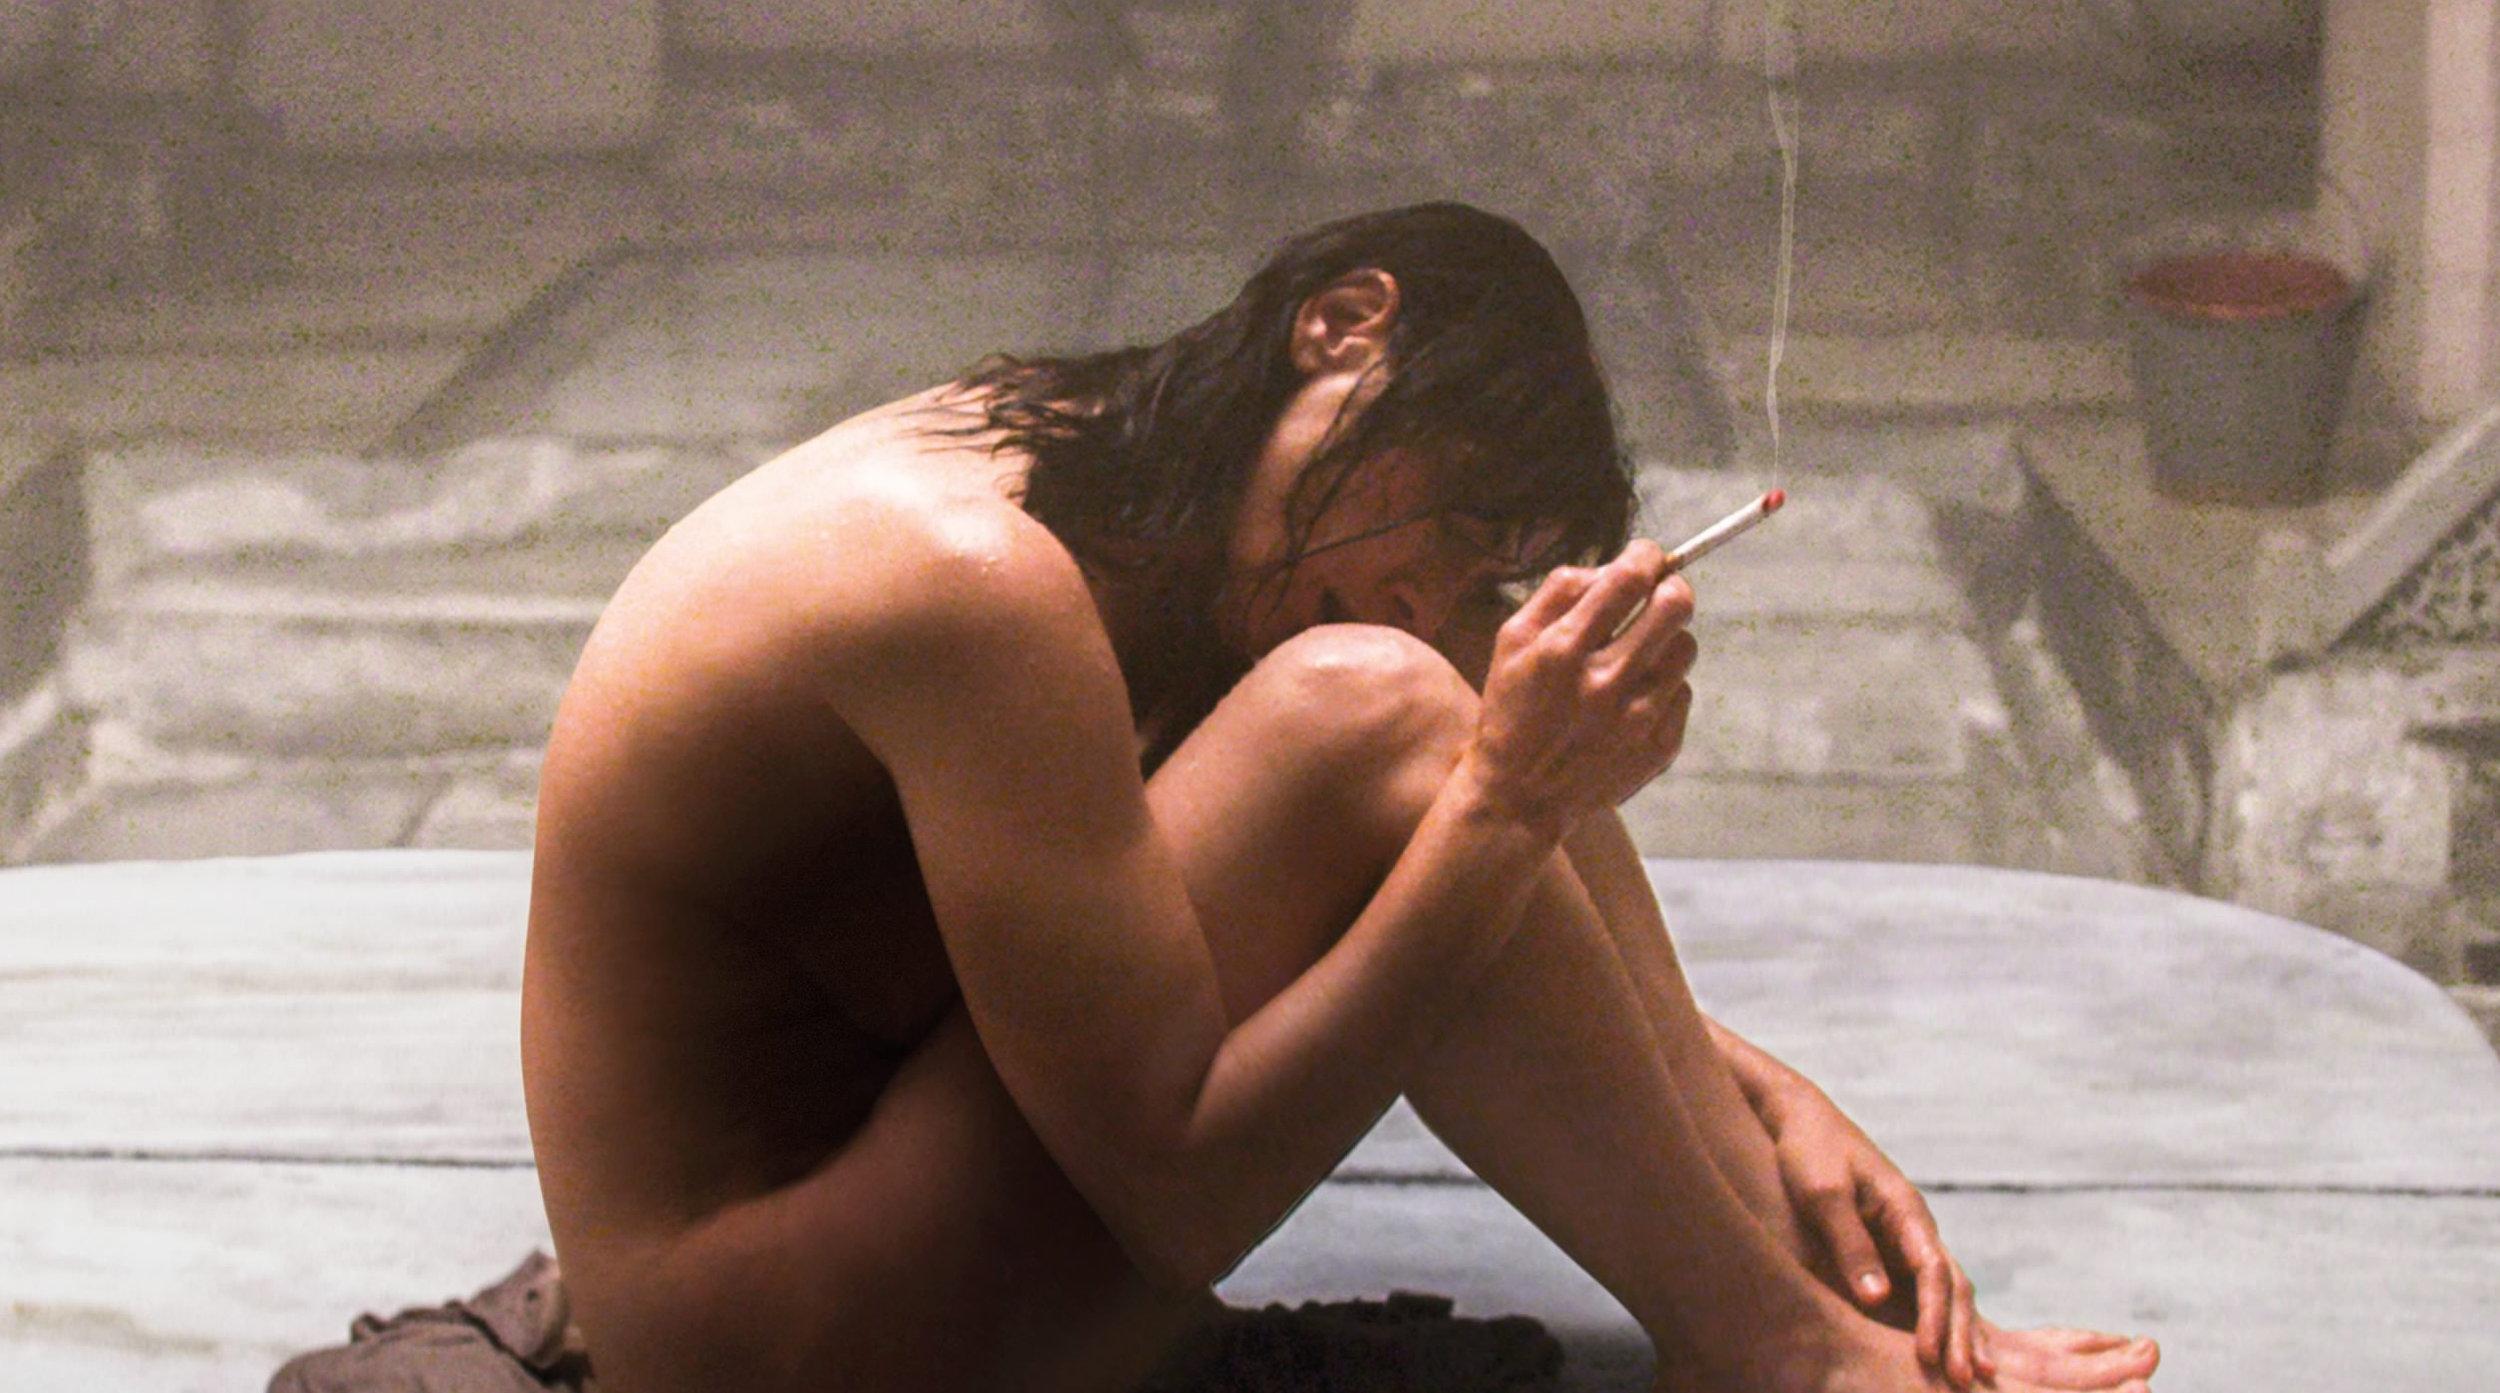 I Still Hide to Smoke - A film by Rayhana